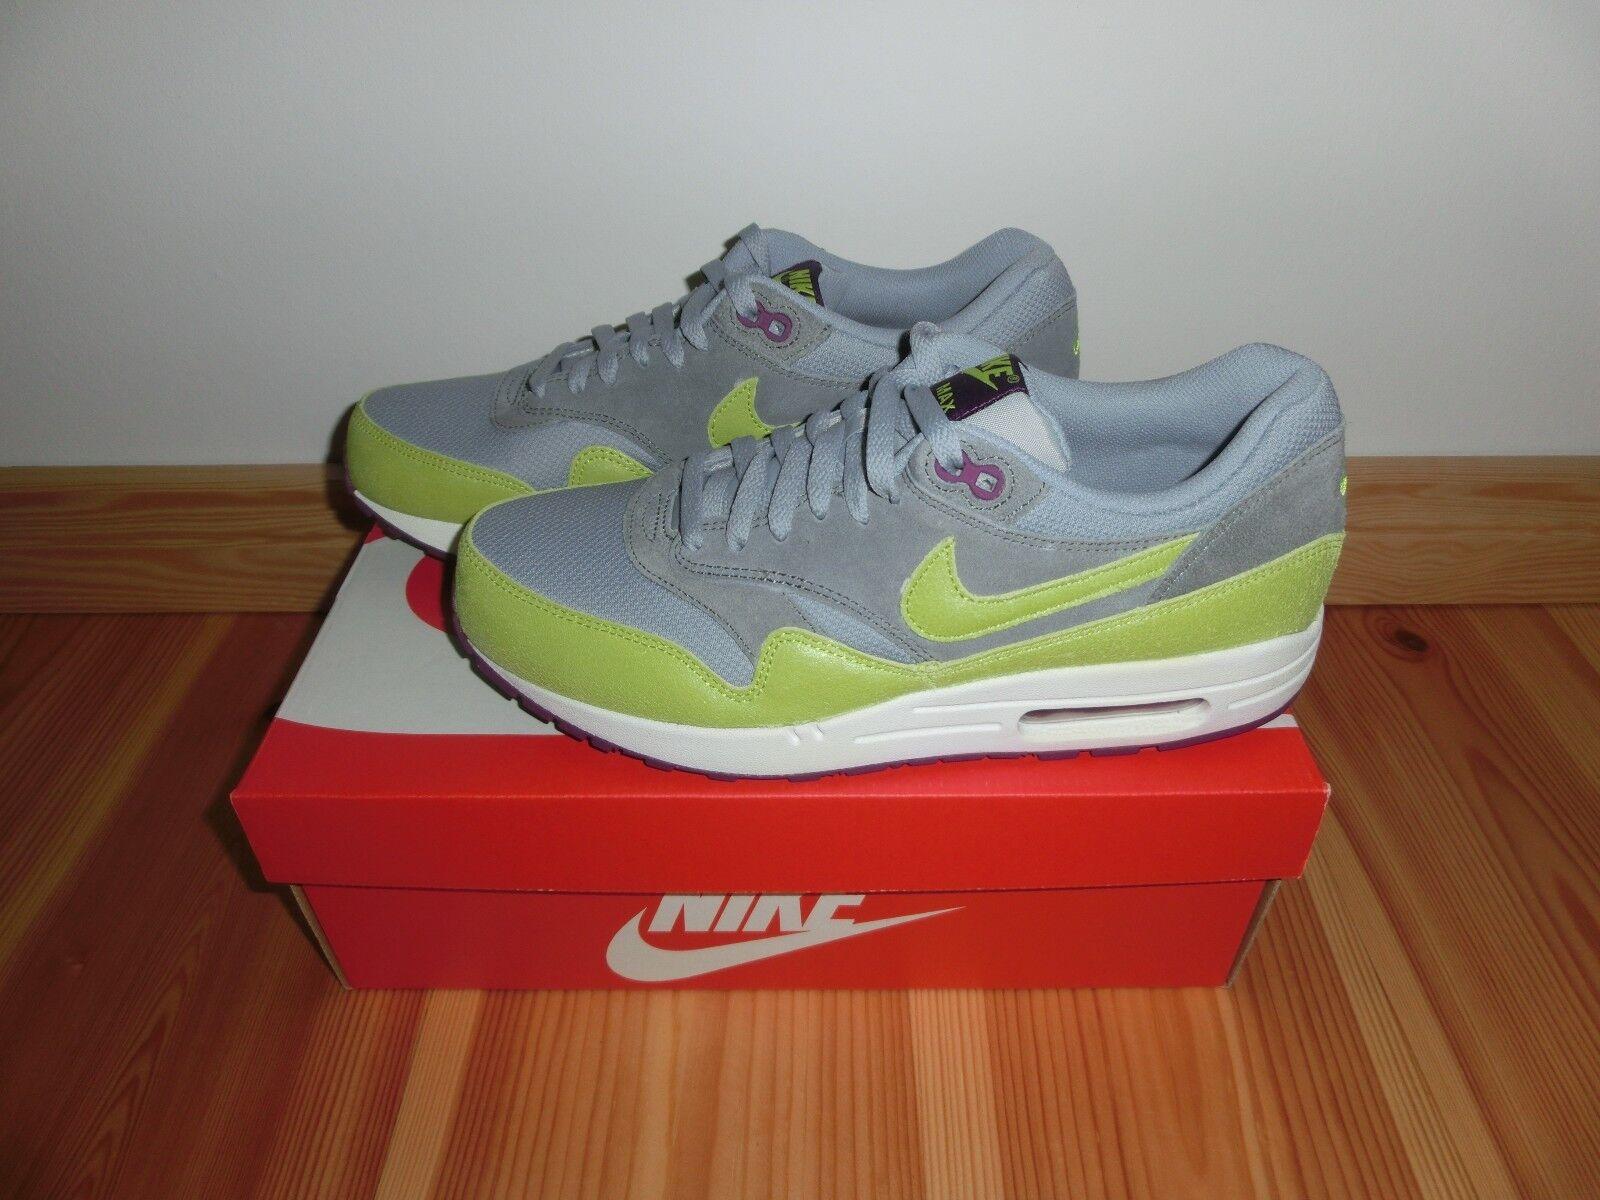 WMNS Nike Air Max 1 EUR 43 UK 8.5 US 11 grau  neon Gelb  lila Neu & OVP Neuer Markt